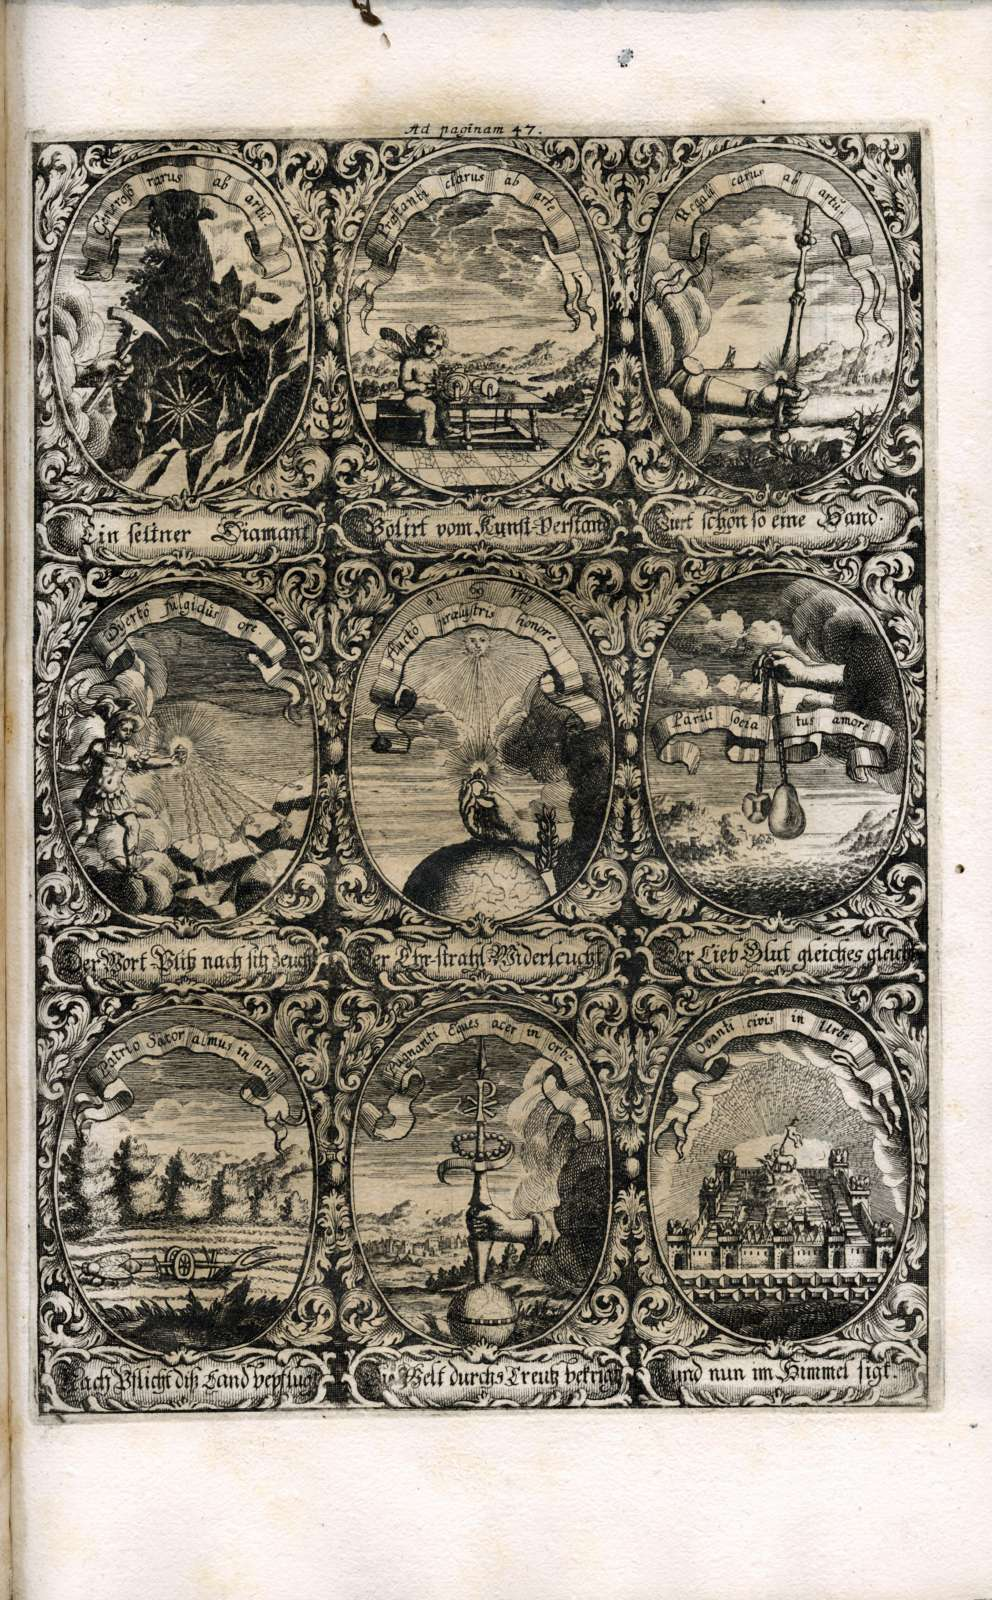 Leichenpredigten zu Mitgliedern der Familie von Stein, Steudlin, Stigler, Stecher, vom und zum Stein-Callenfels und Stierlin, Bild 3